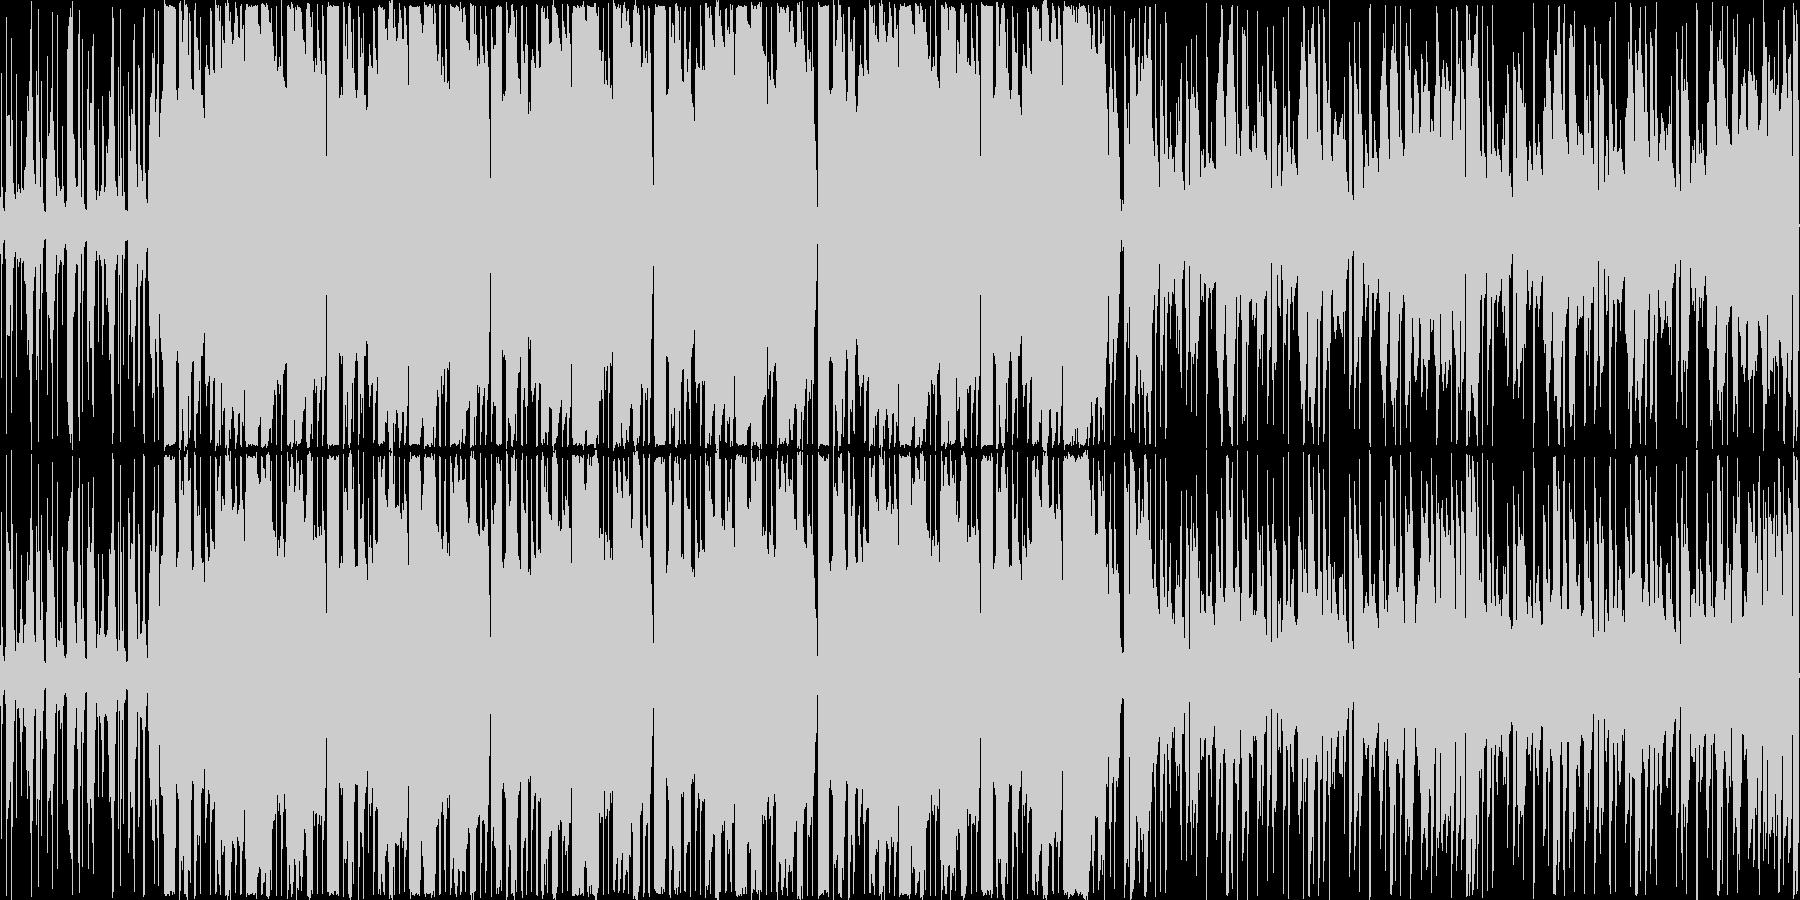 木琴などの打楽器と打ち込みを混ぜたトラ…の未再生の波形